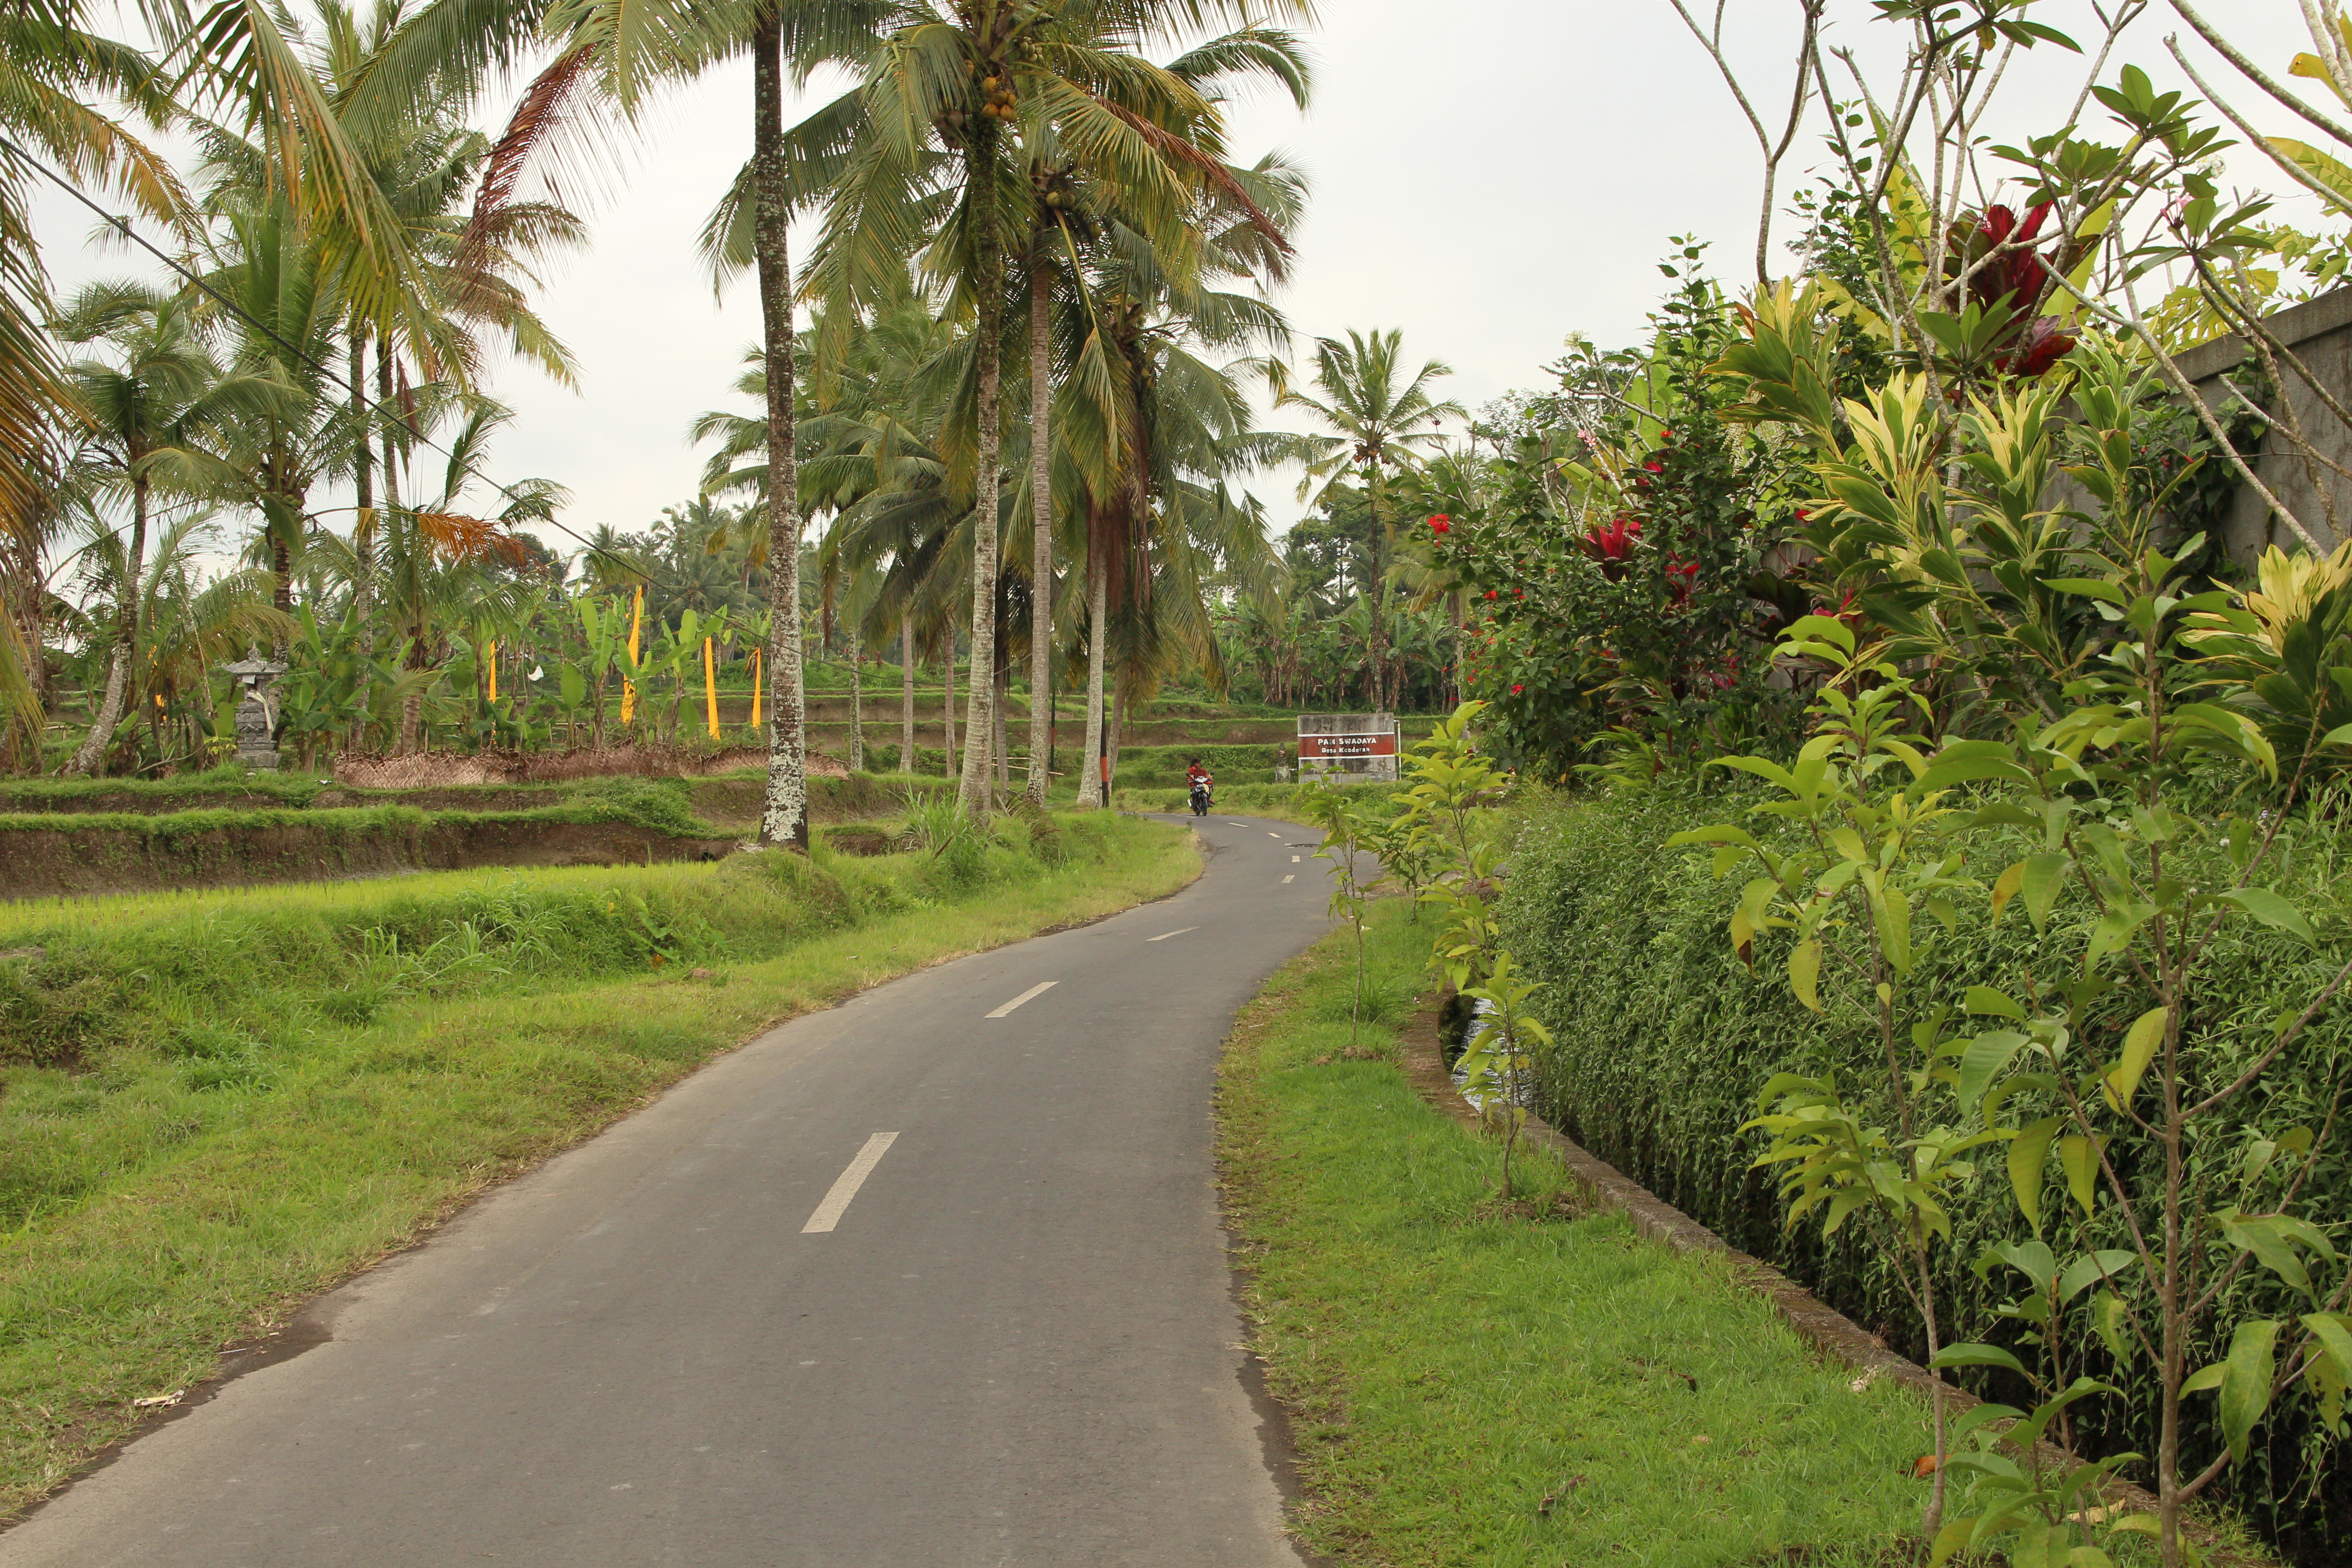 Mooie wegen op Bali langs palmbomen en sawa´s